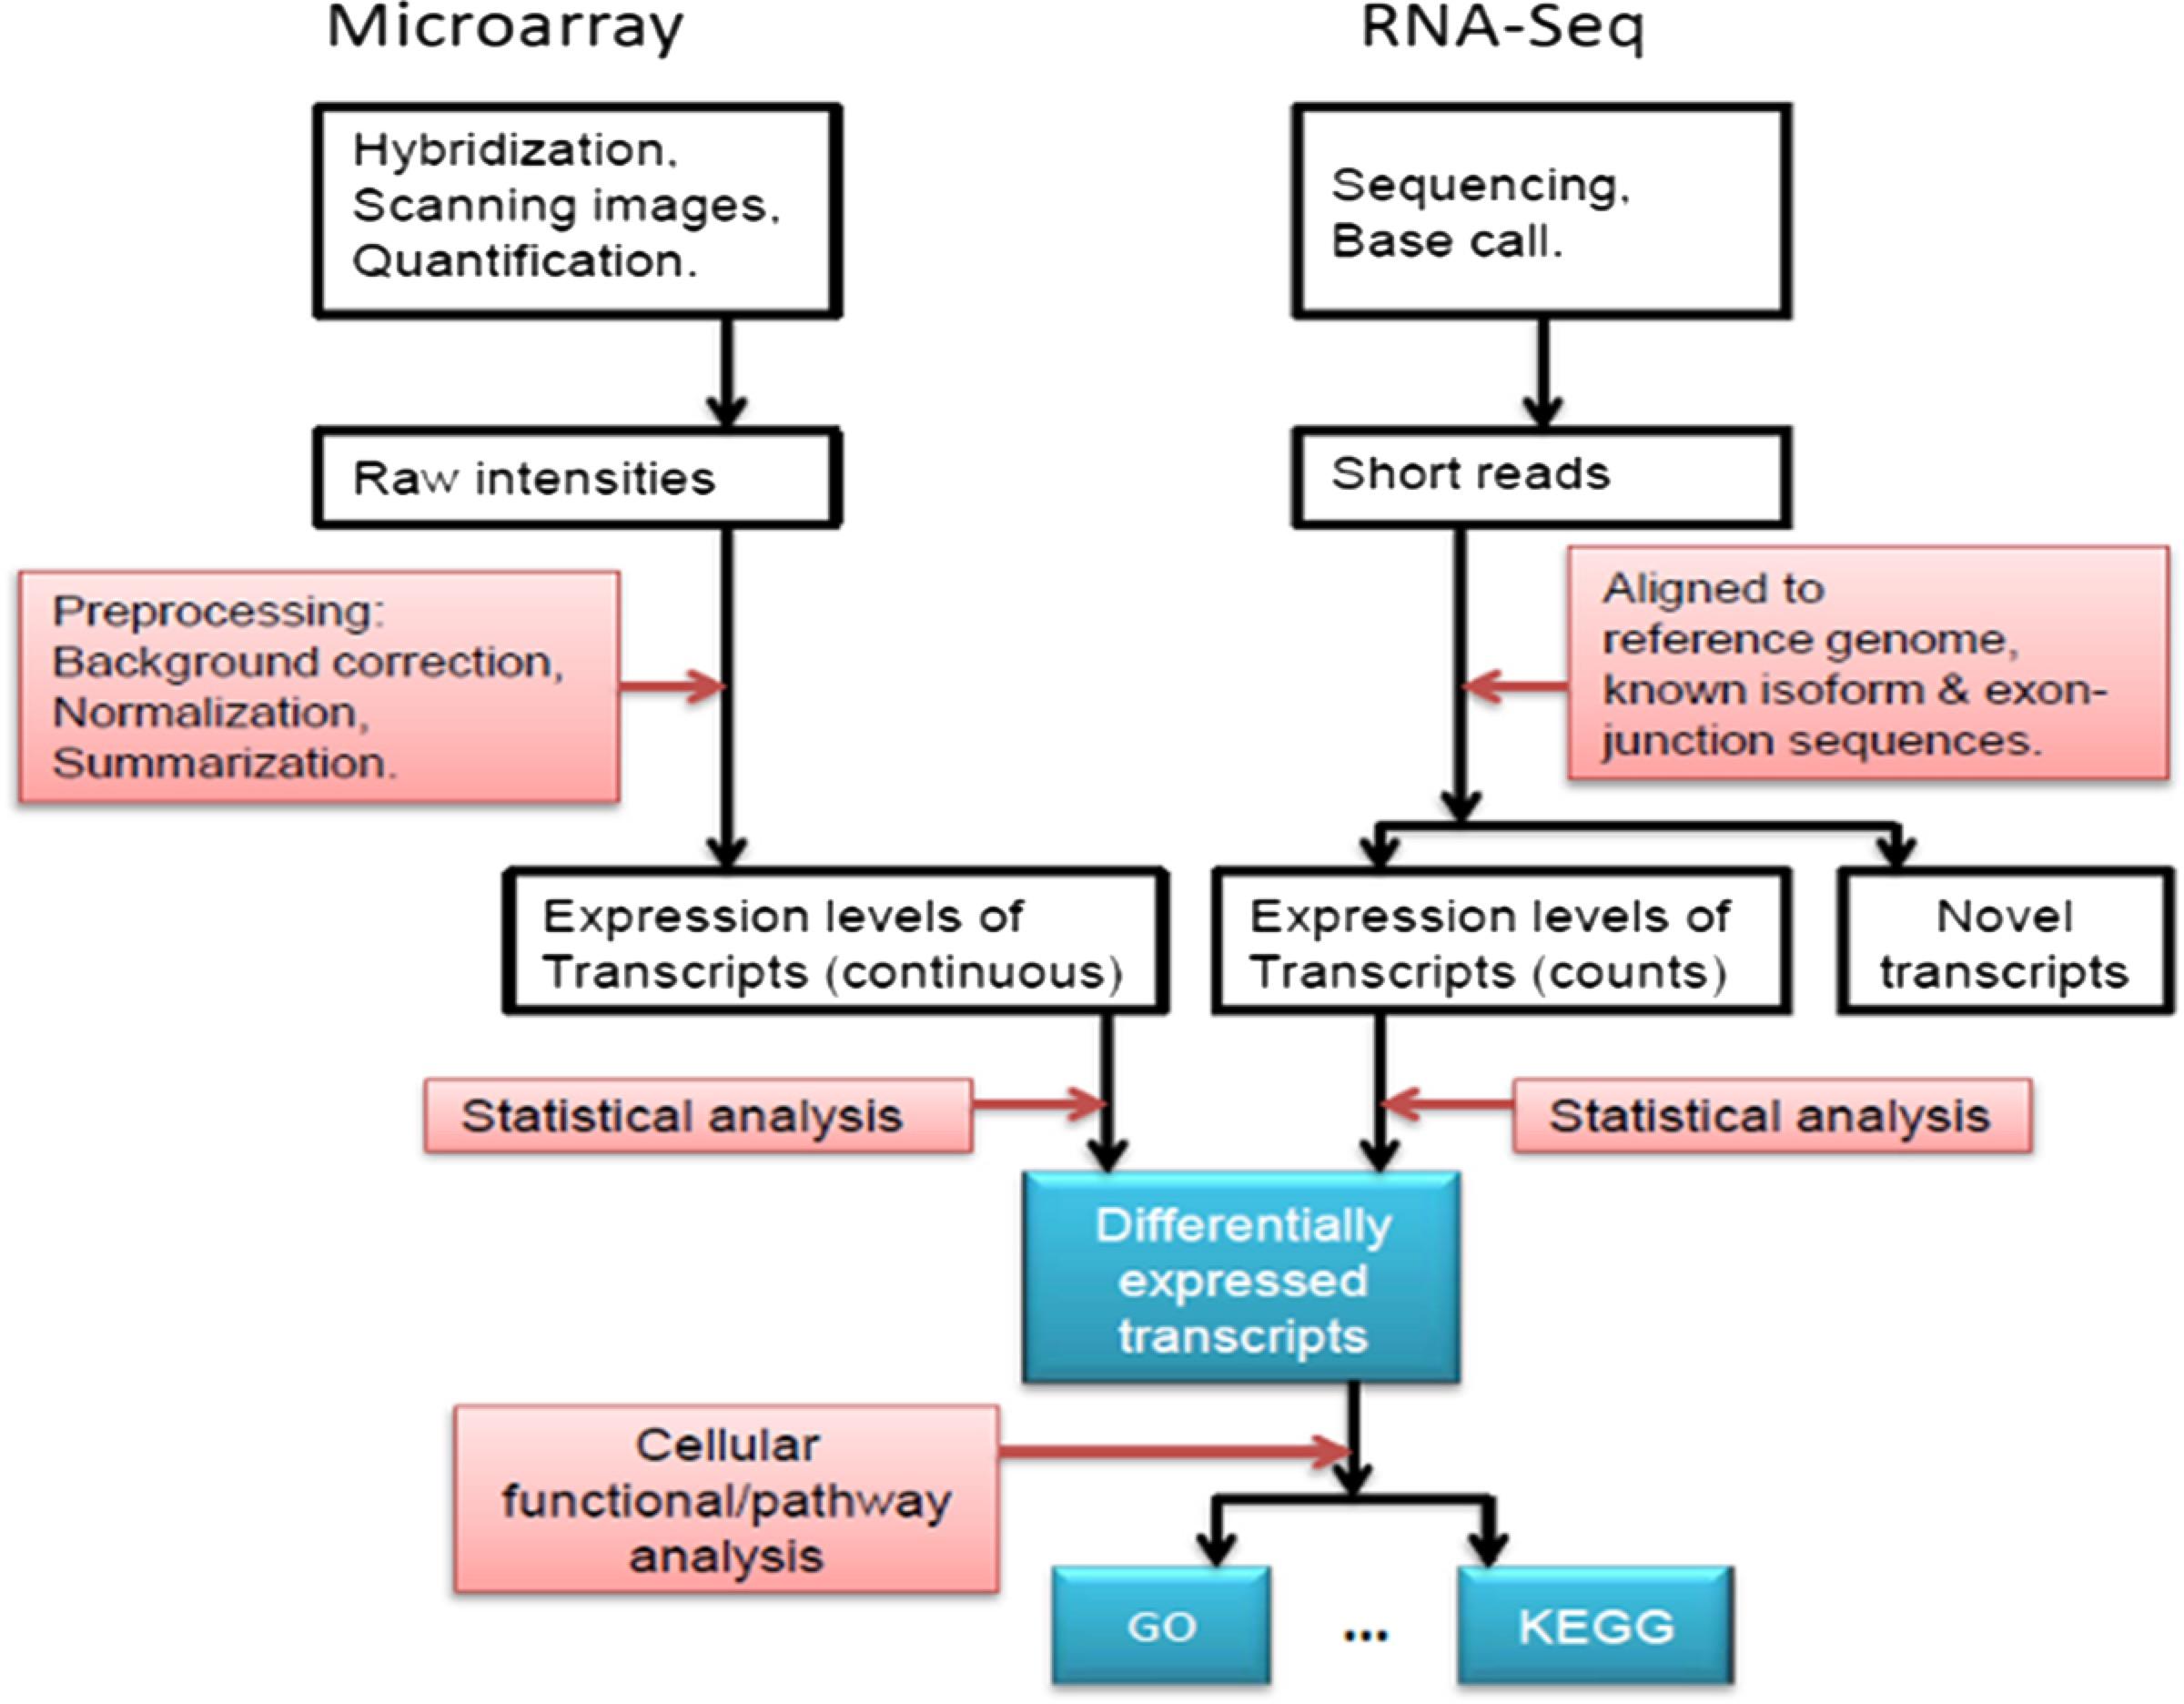 rna-seq-vs-microarray-2